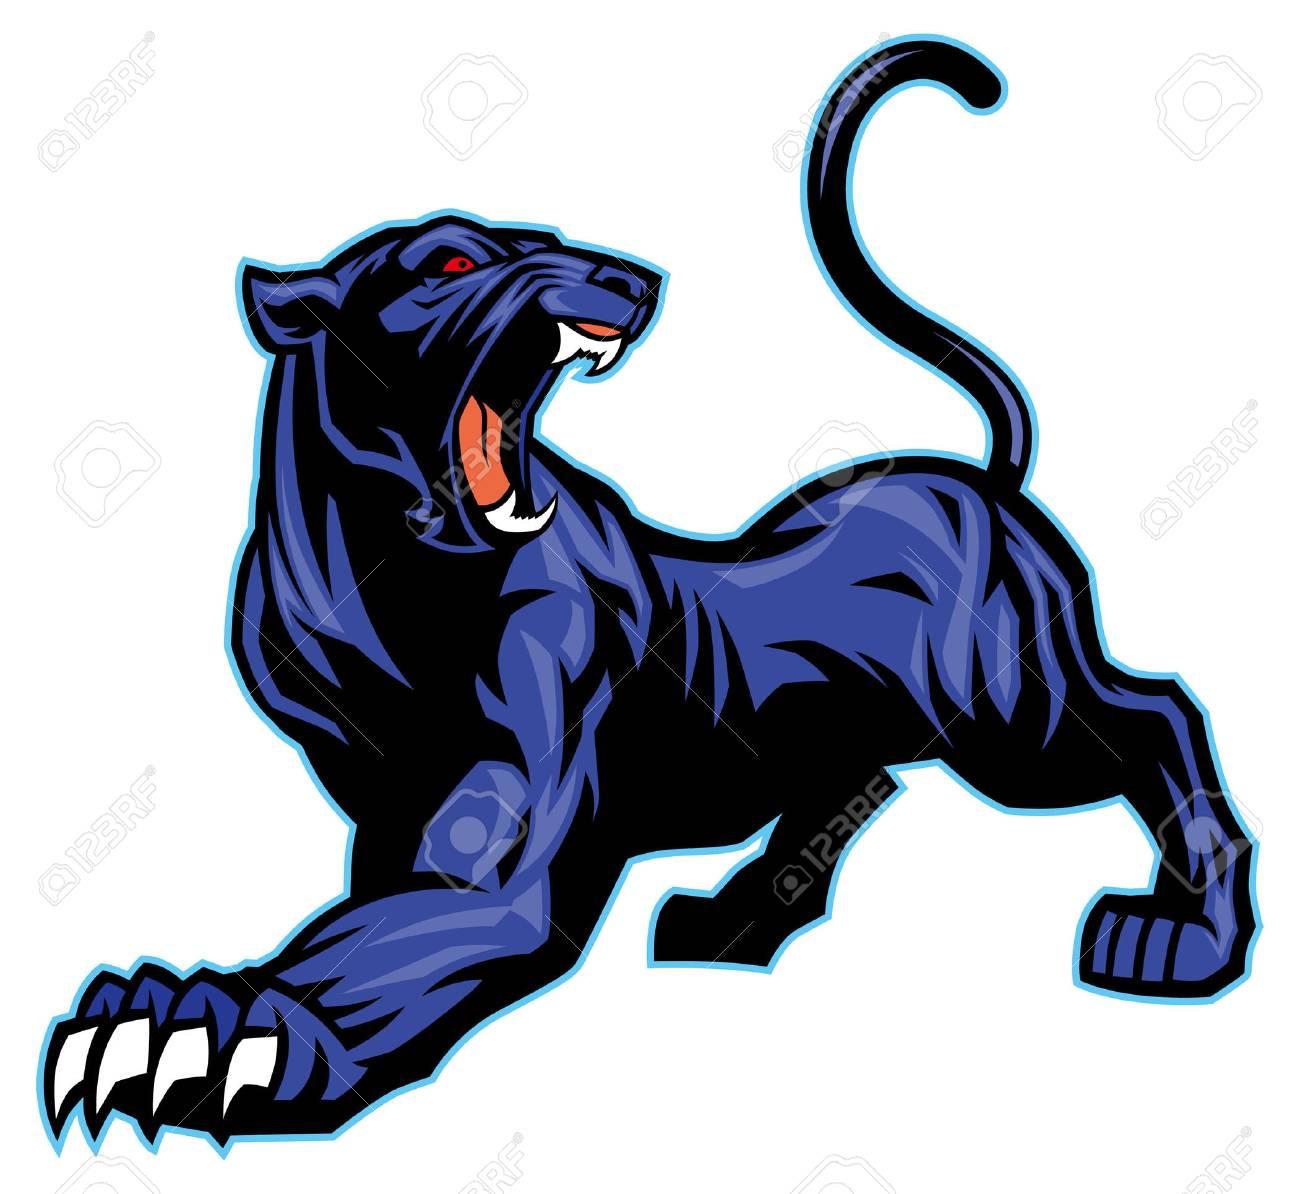 roaring black panther mascot.